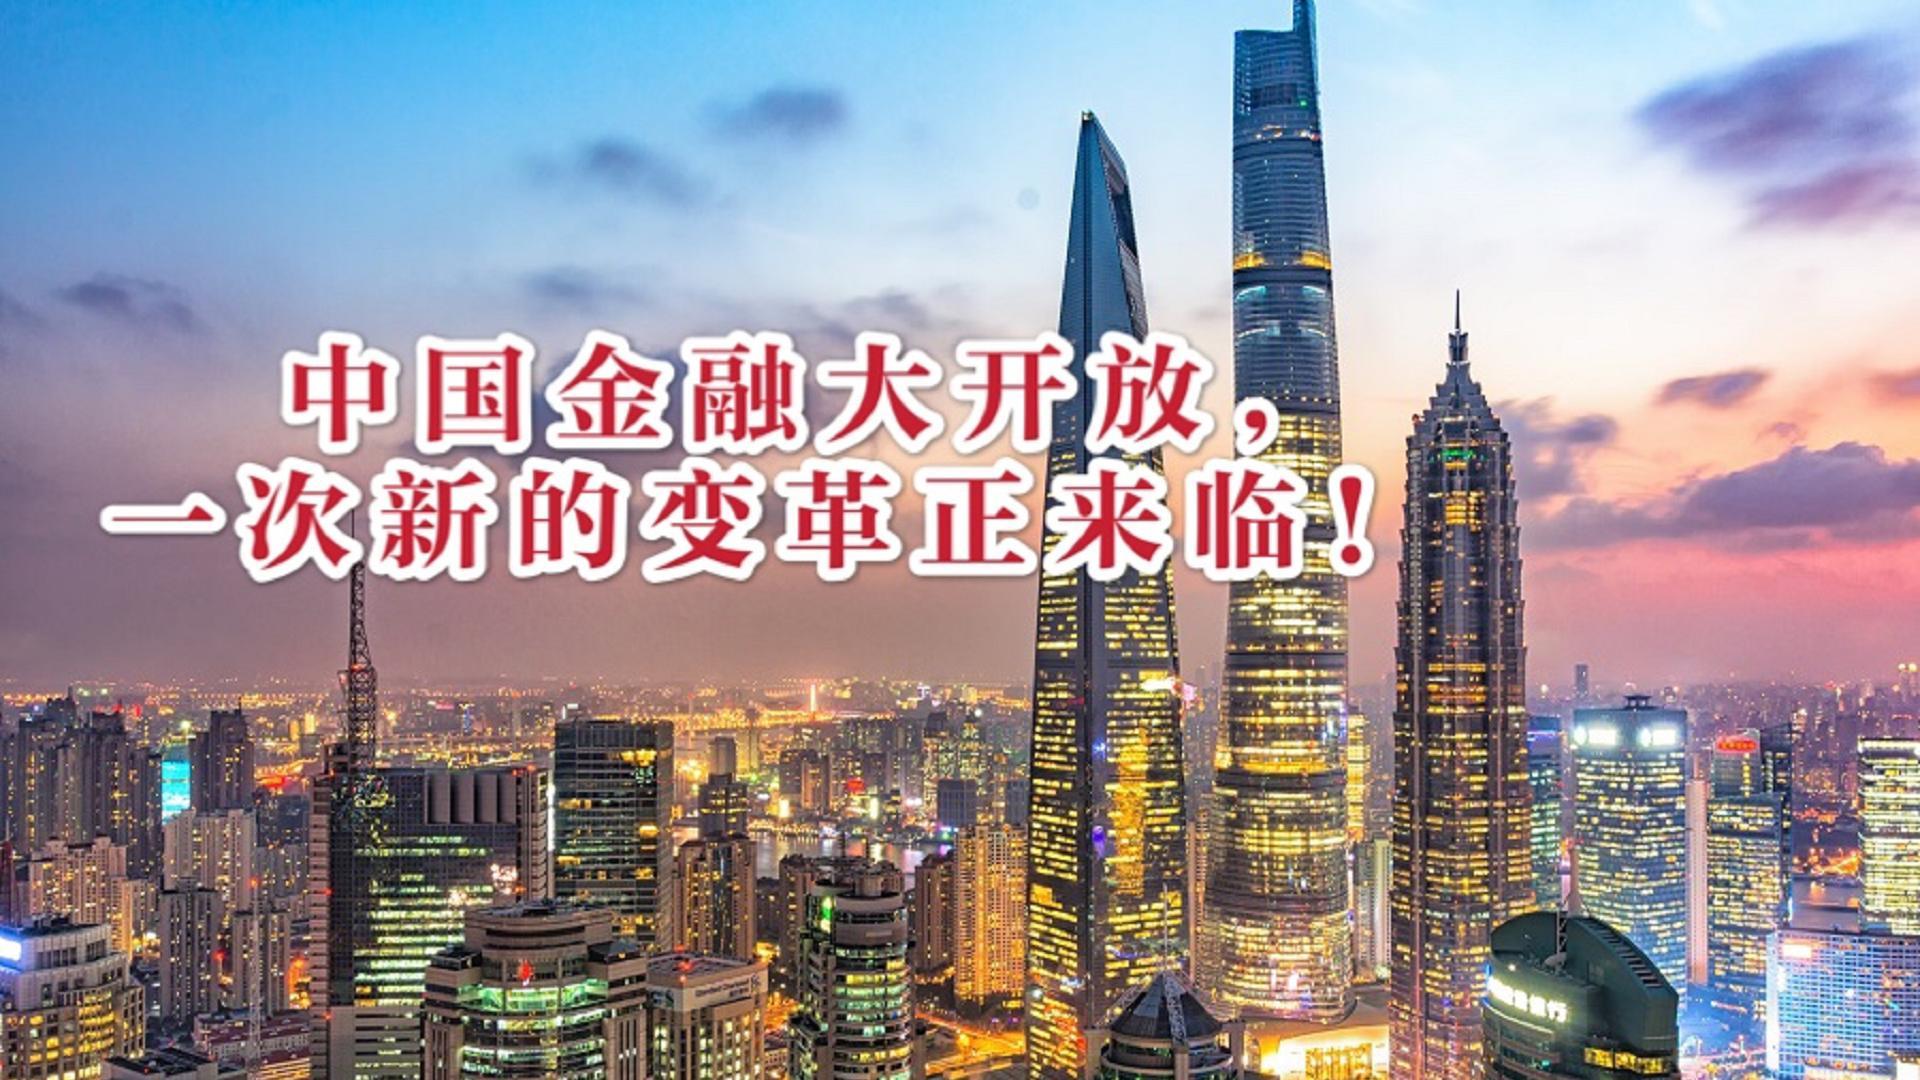 中国金融大开放,国际资本或杀入国内,一次新的厮杀难以避免!